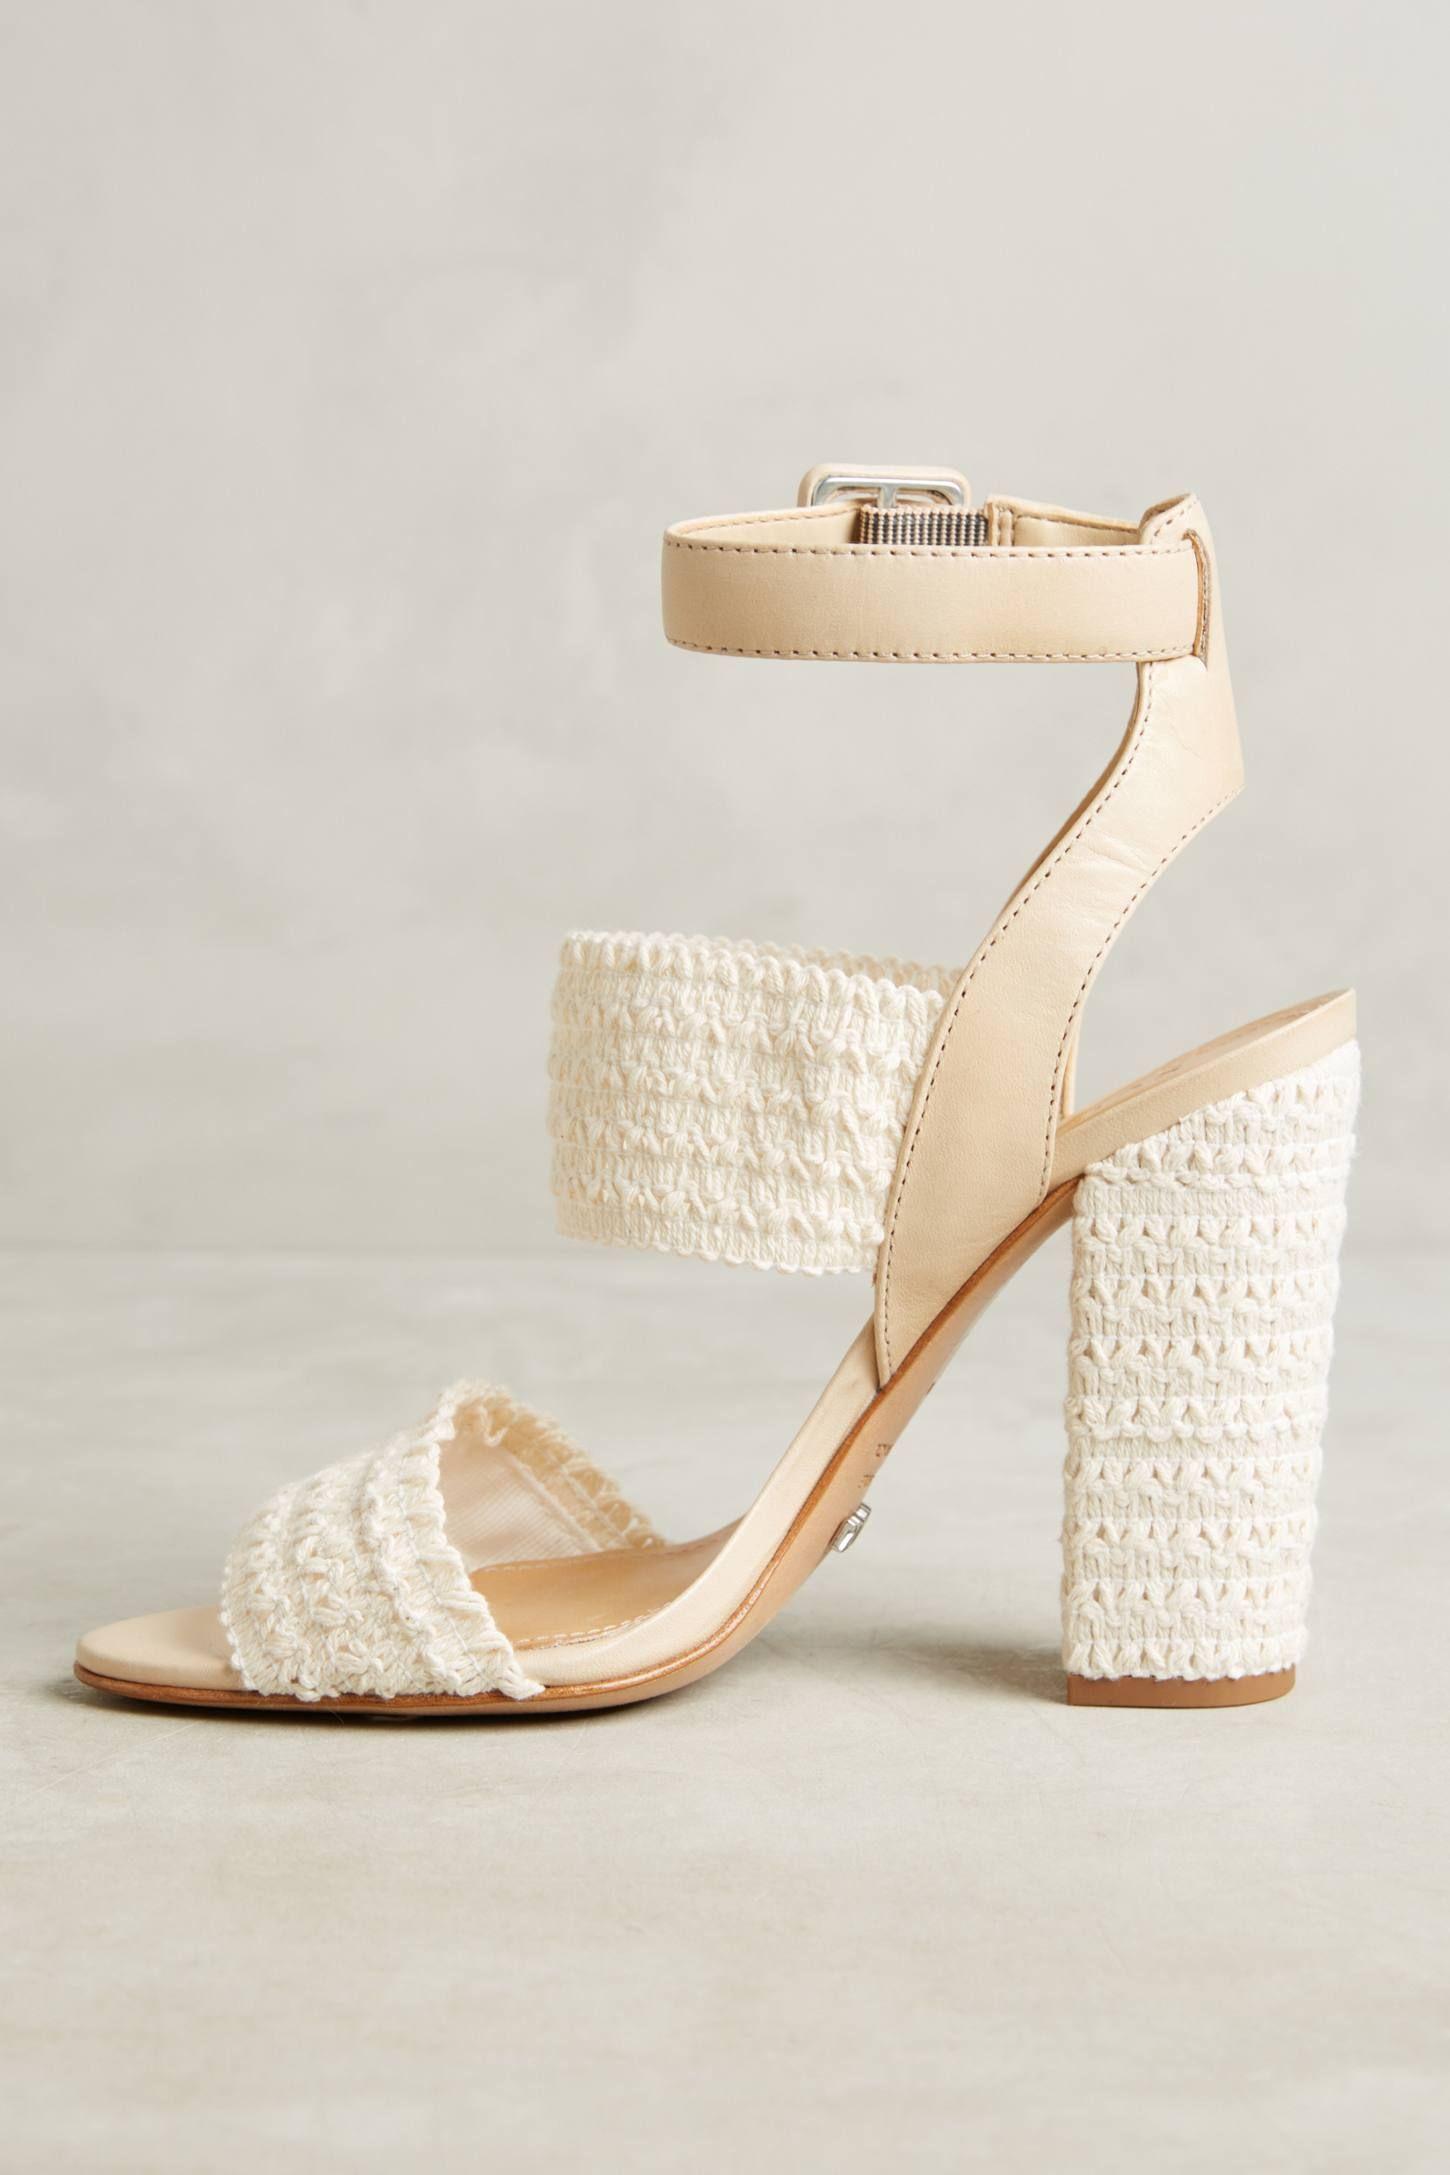 Schutz Glendy Heeled Sandals